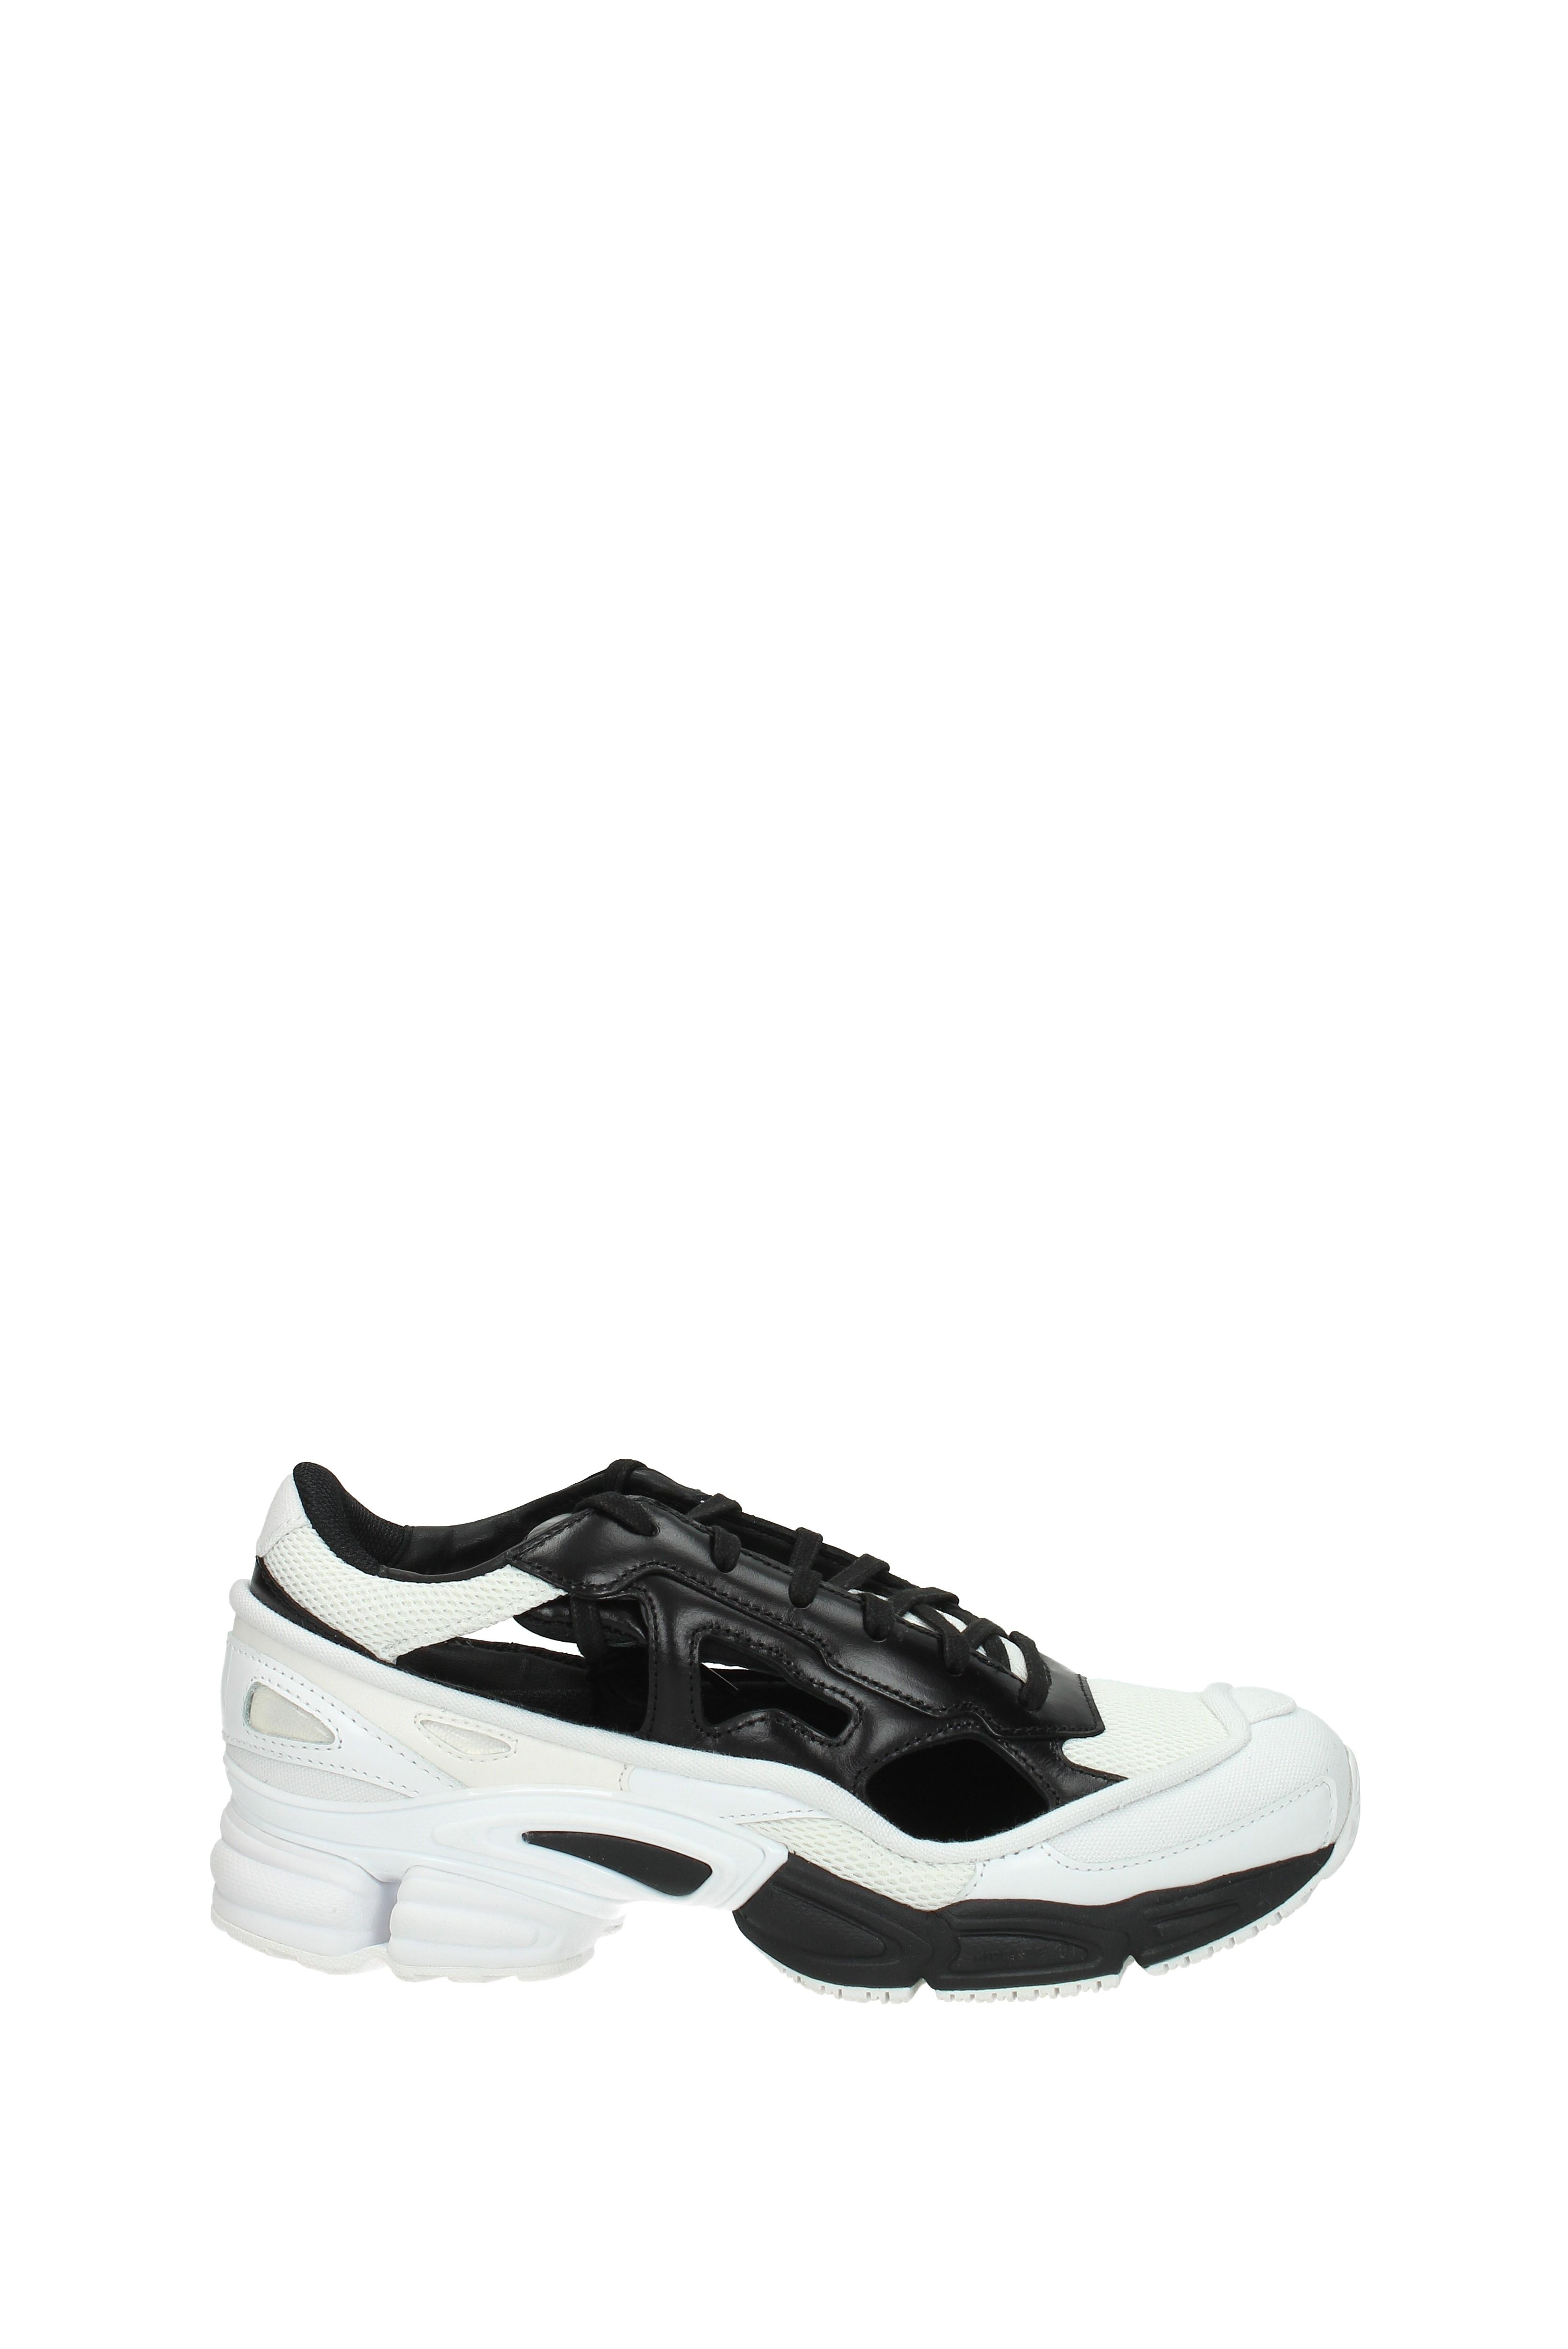 new products 710fa 6c65e ... Nike Nike Nike Air Jordan 4 Retro Oregon Size US 11 832aea ...